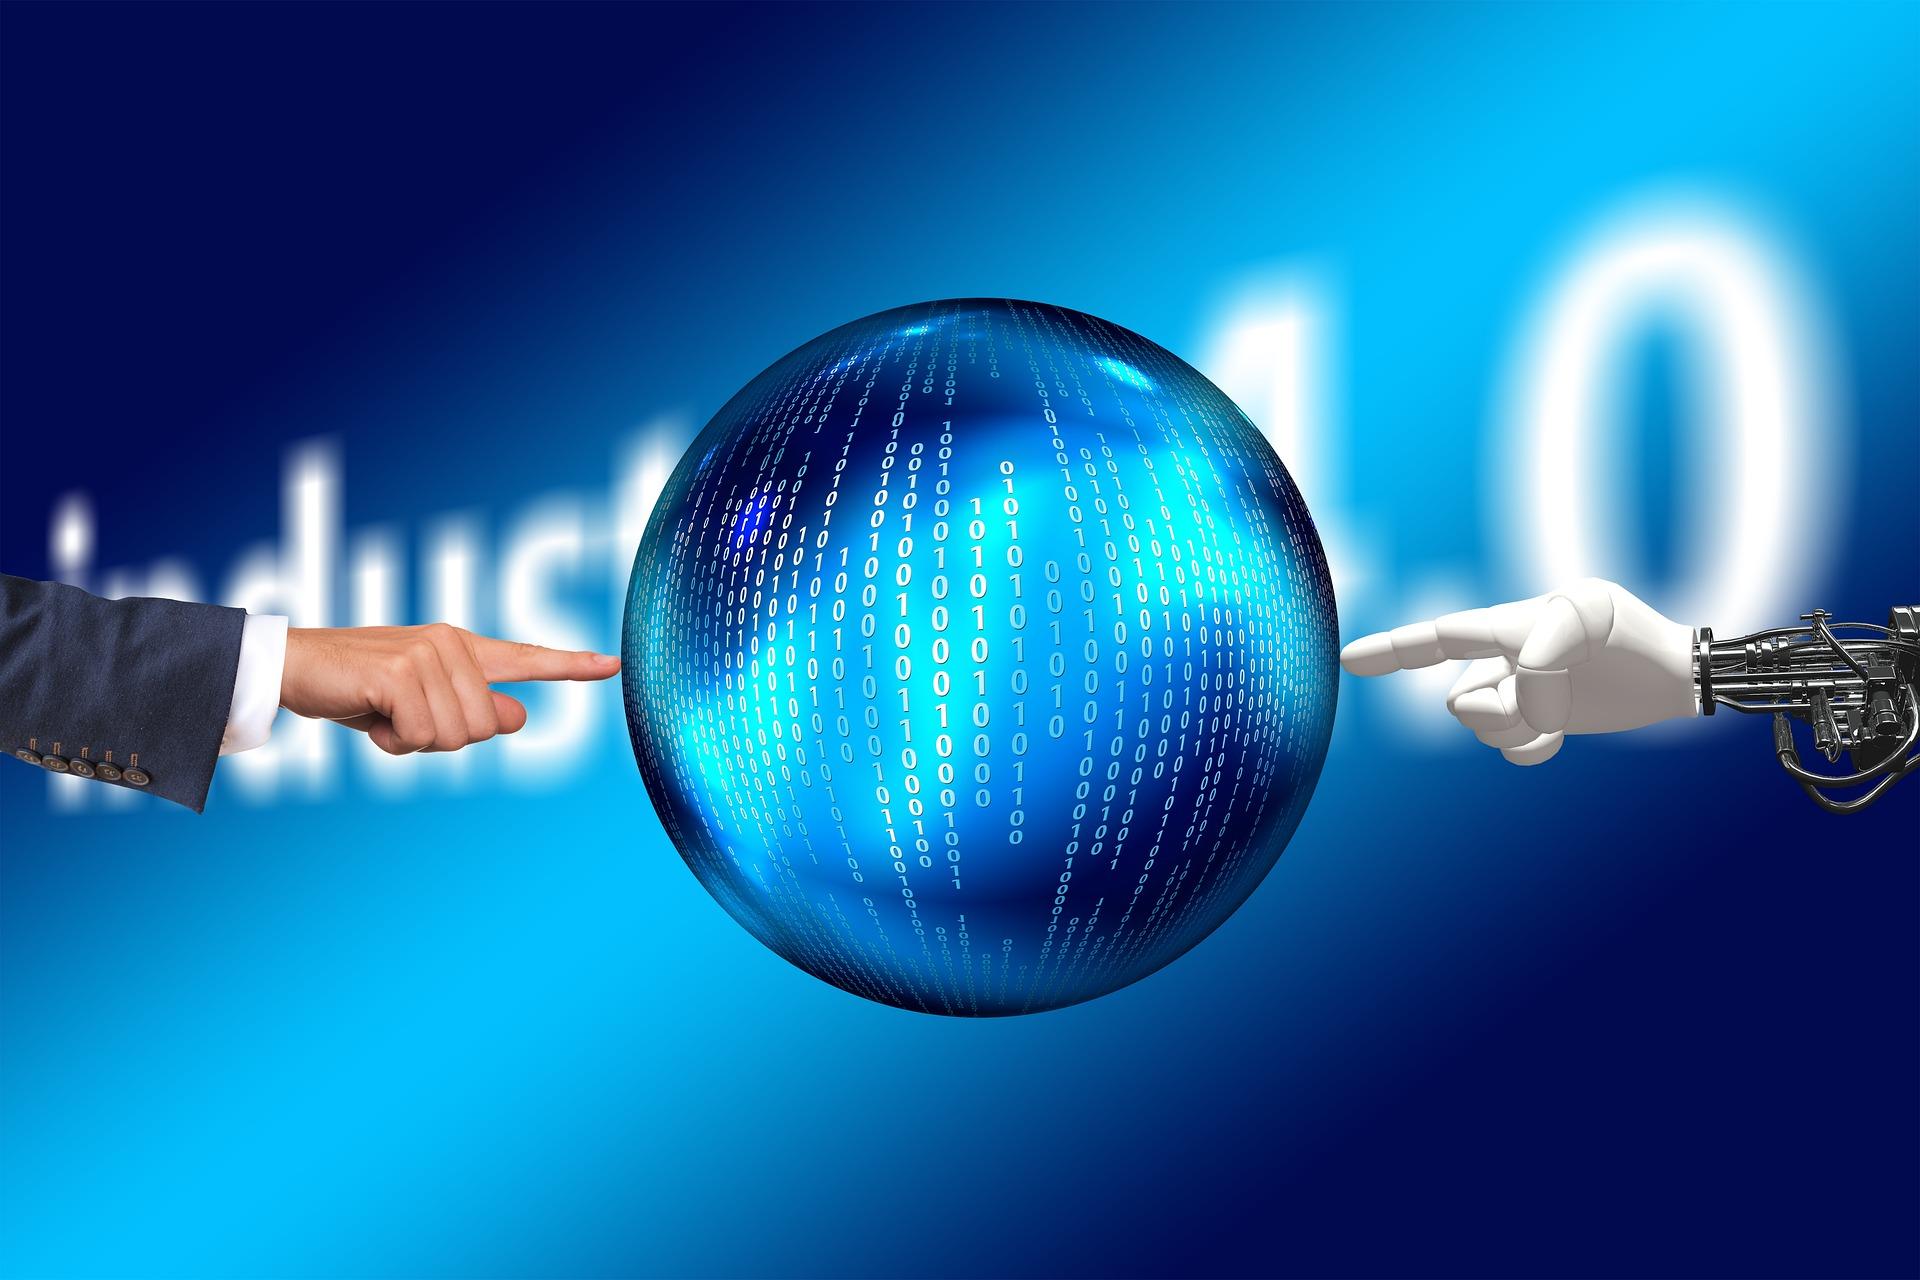 Industria 4.0. Le nuove frontiere del mondo del lavoro